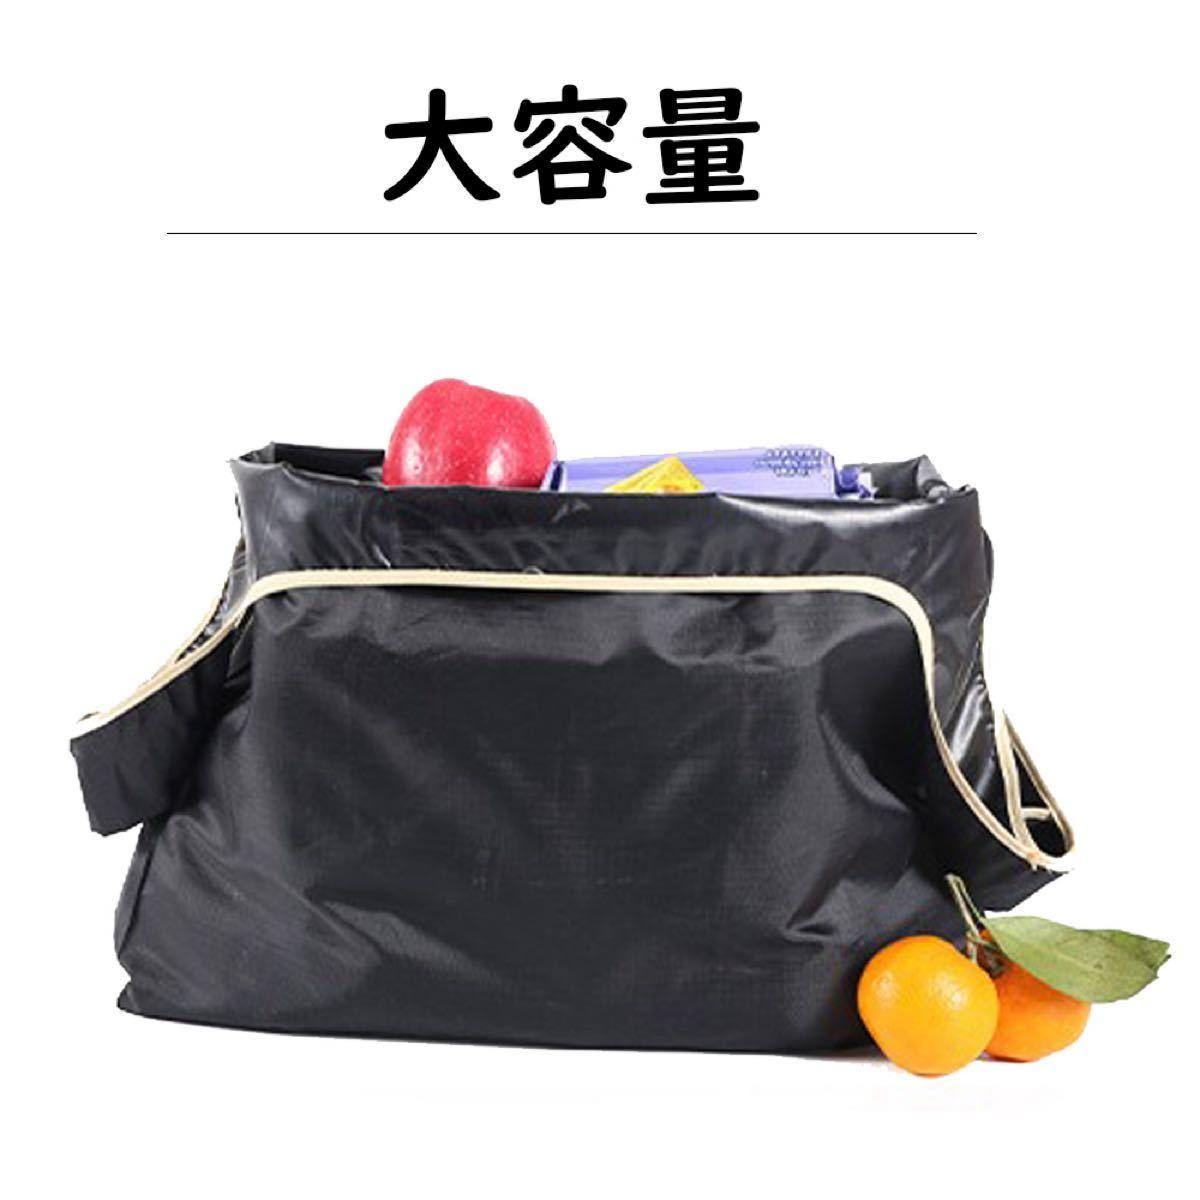 エコバッグ マイバッグ 折り畳み スリム ショッピングバッグ 鞄